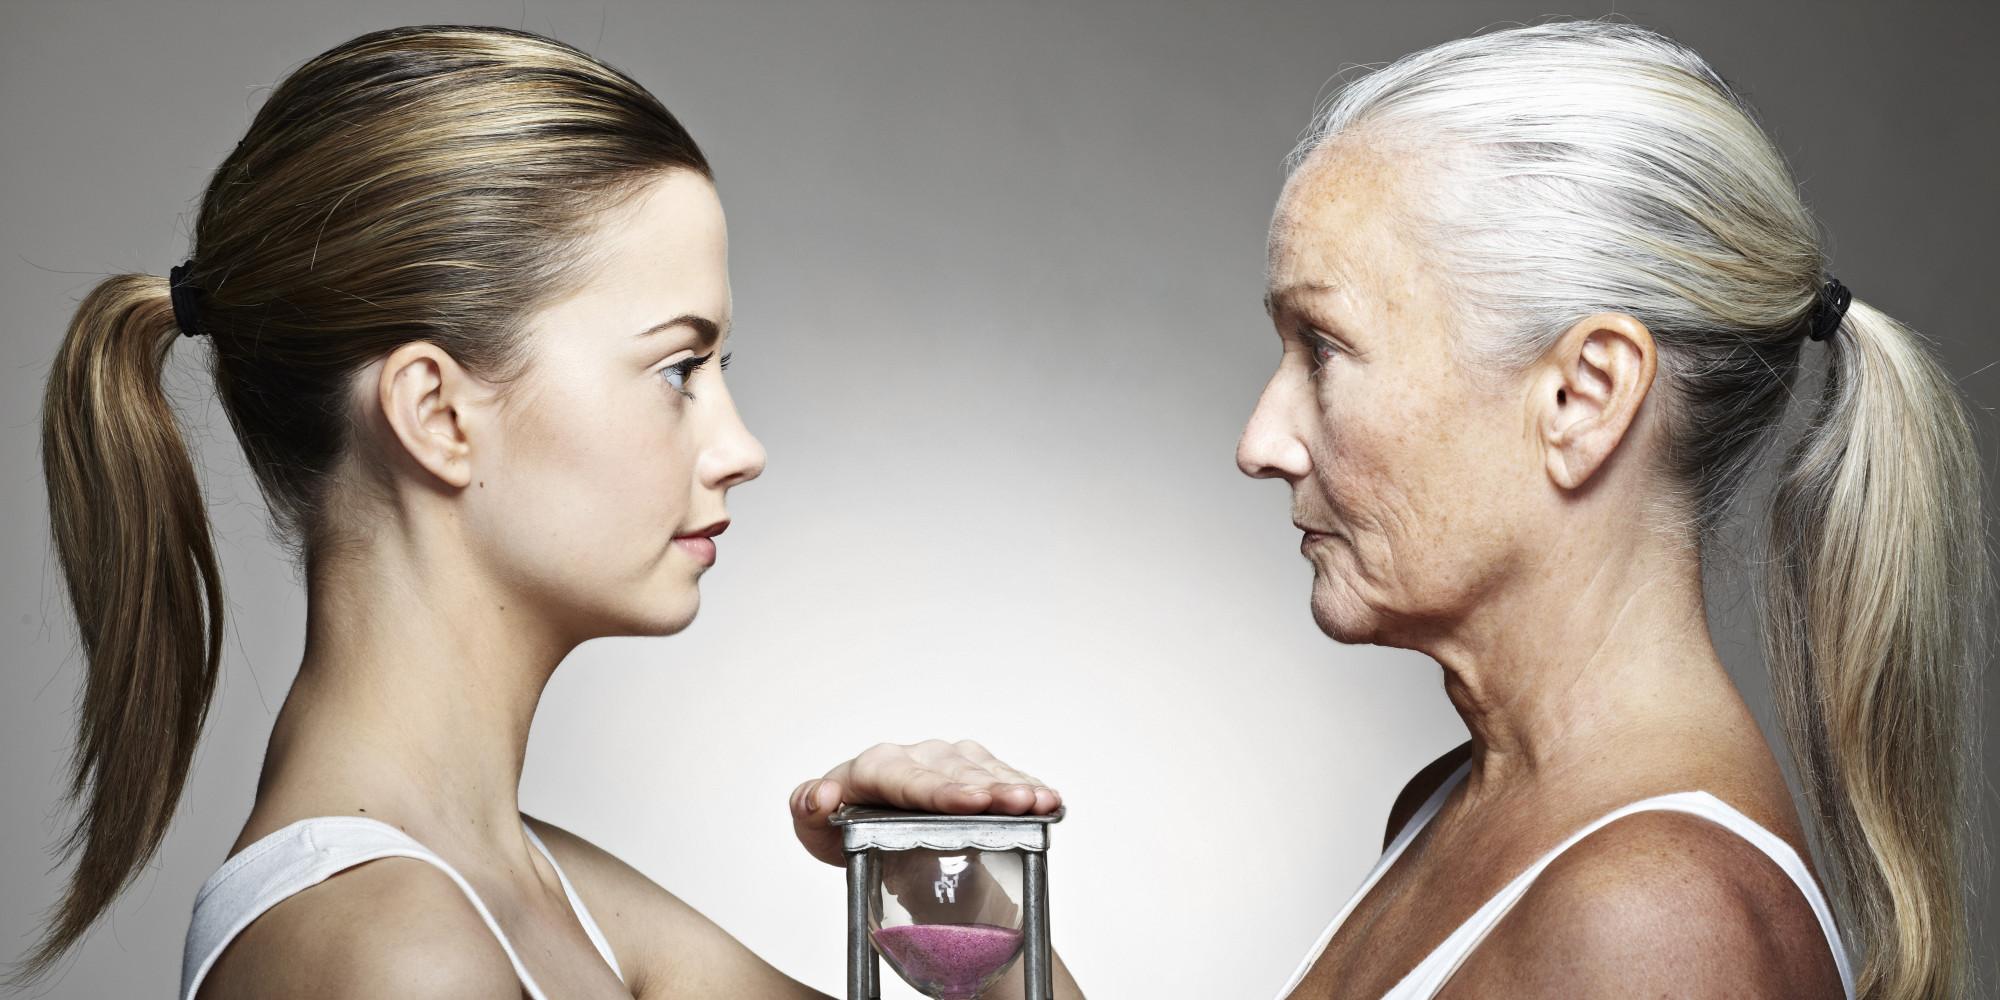 Lần đầu tiên thử nghiệm thuốc chống lão hóa ở người - nhân loại có thể vượt mốc 120 tuổi - Ảnh 2.